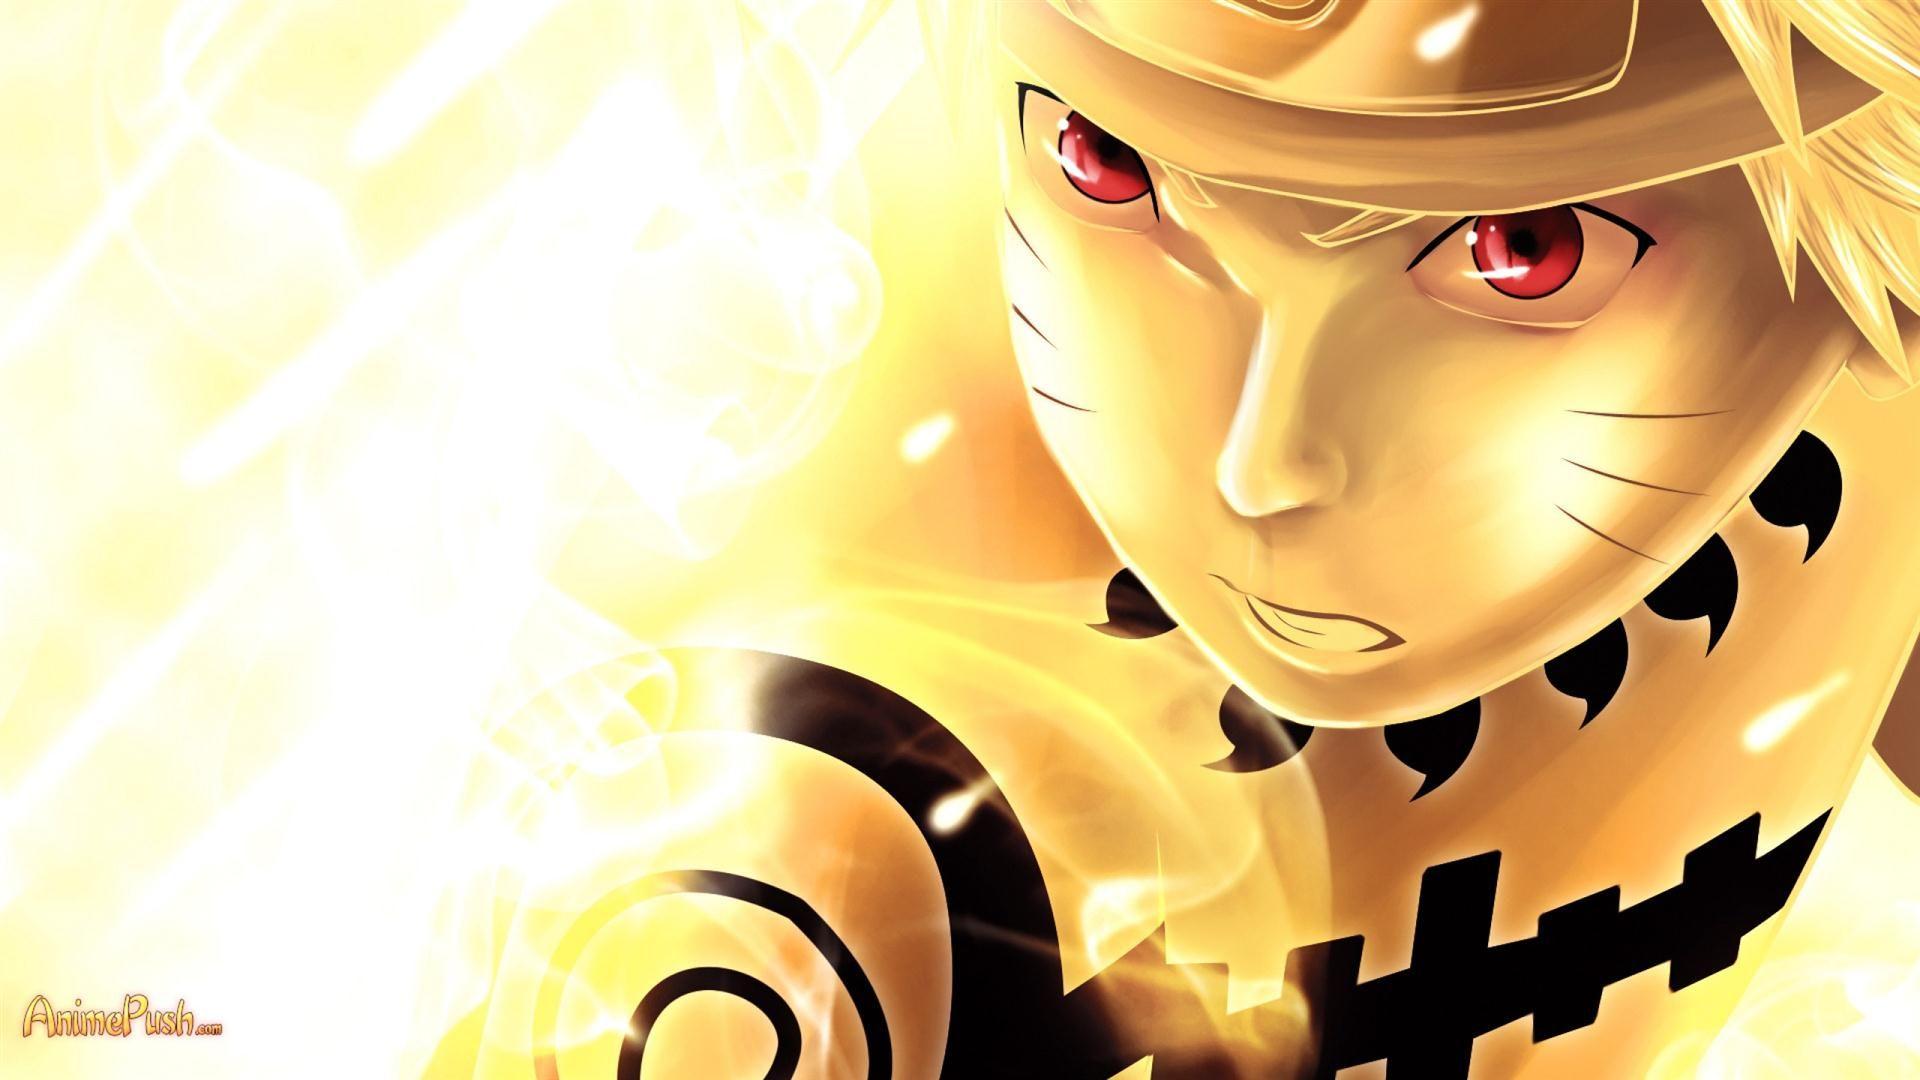 Unduh 600+ Wallpaper Animasi Naruto 3d HD Gratis